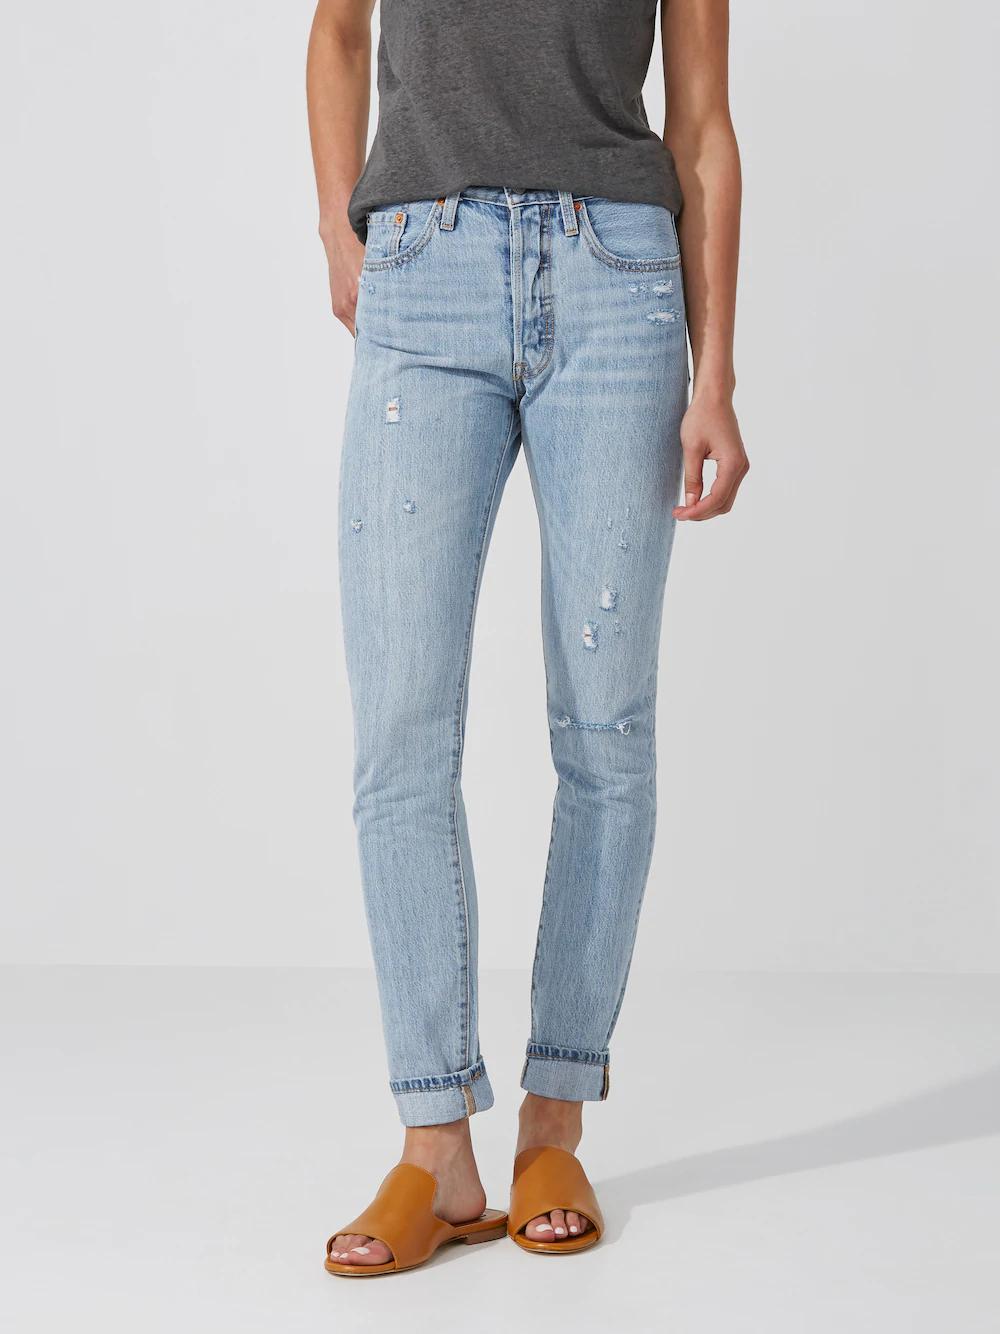 Frank + Oak Levi's 501 Skinny Jean In Light Blue